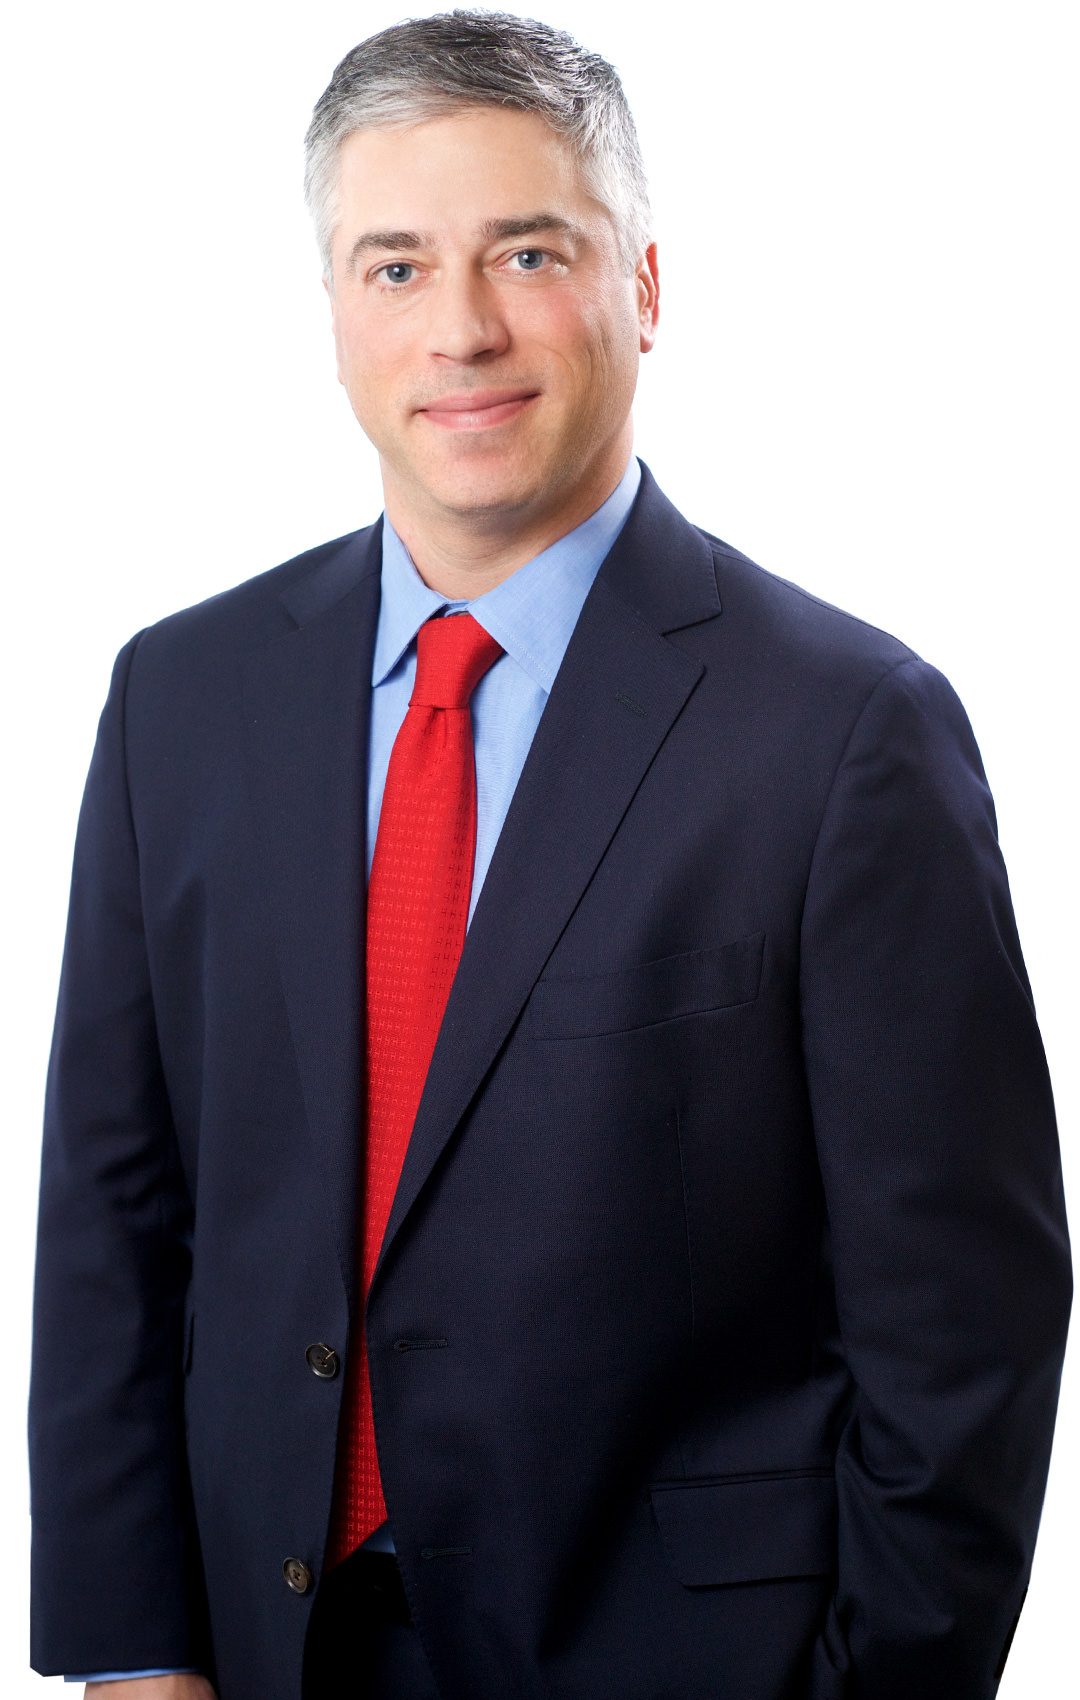 Steven A. Hantz